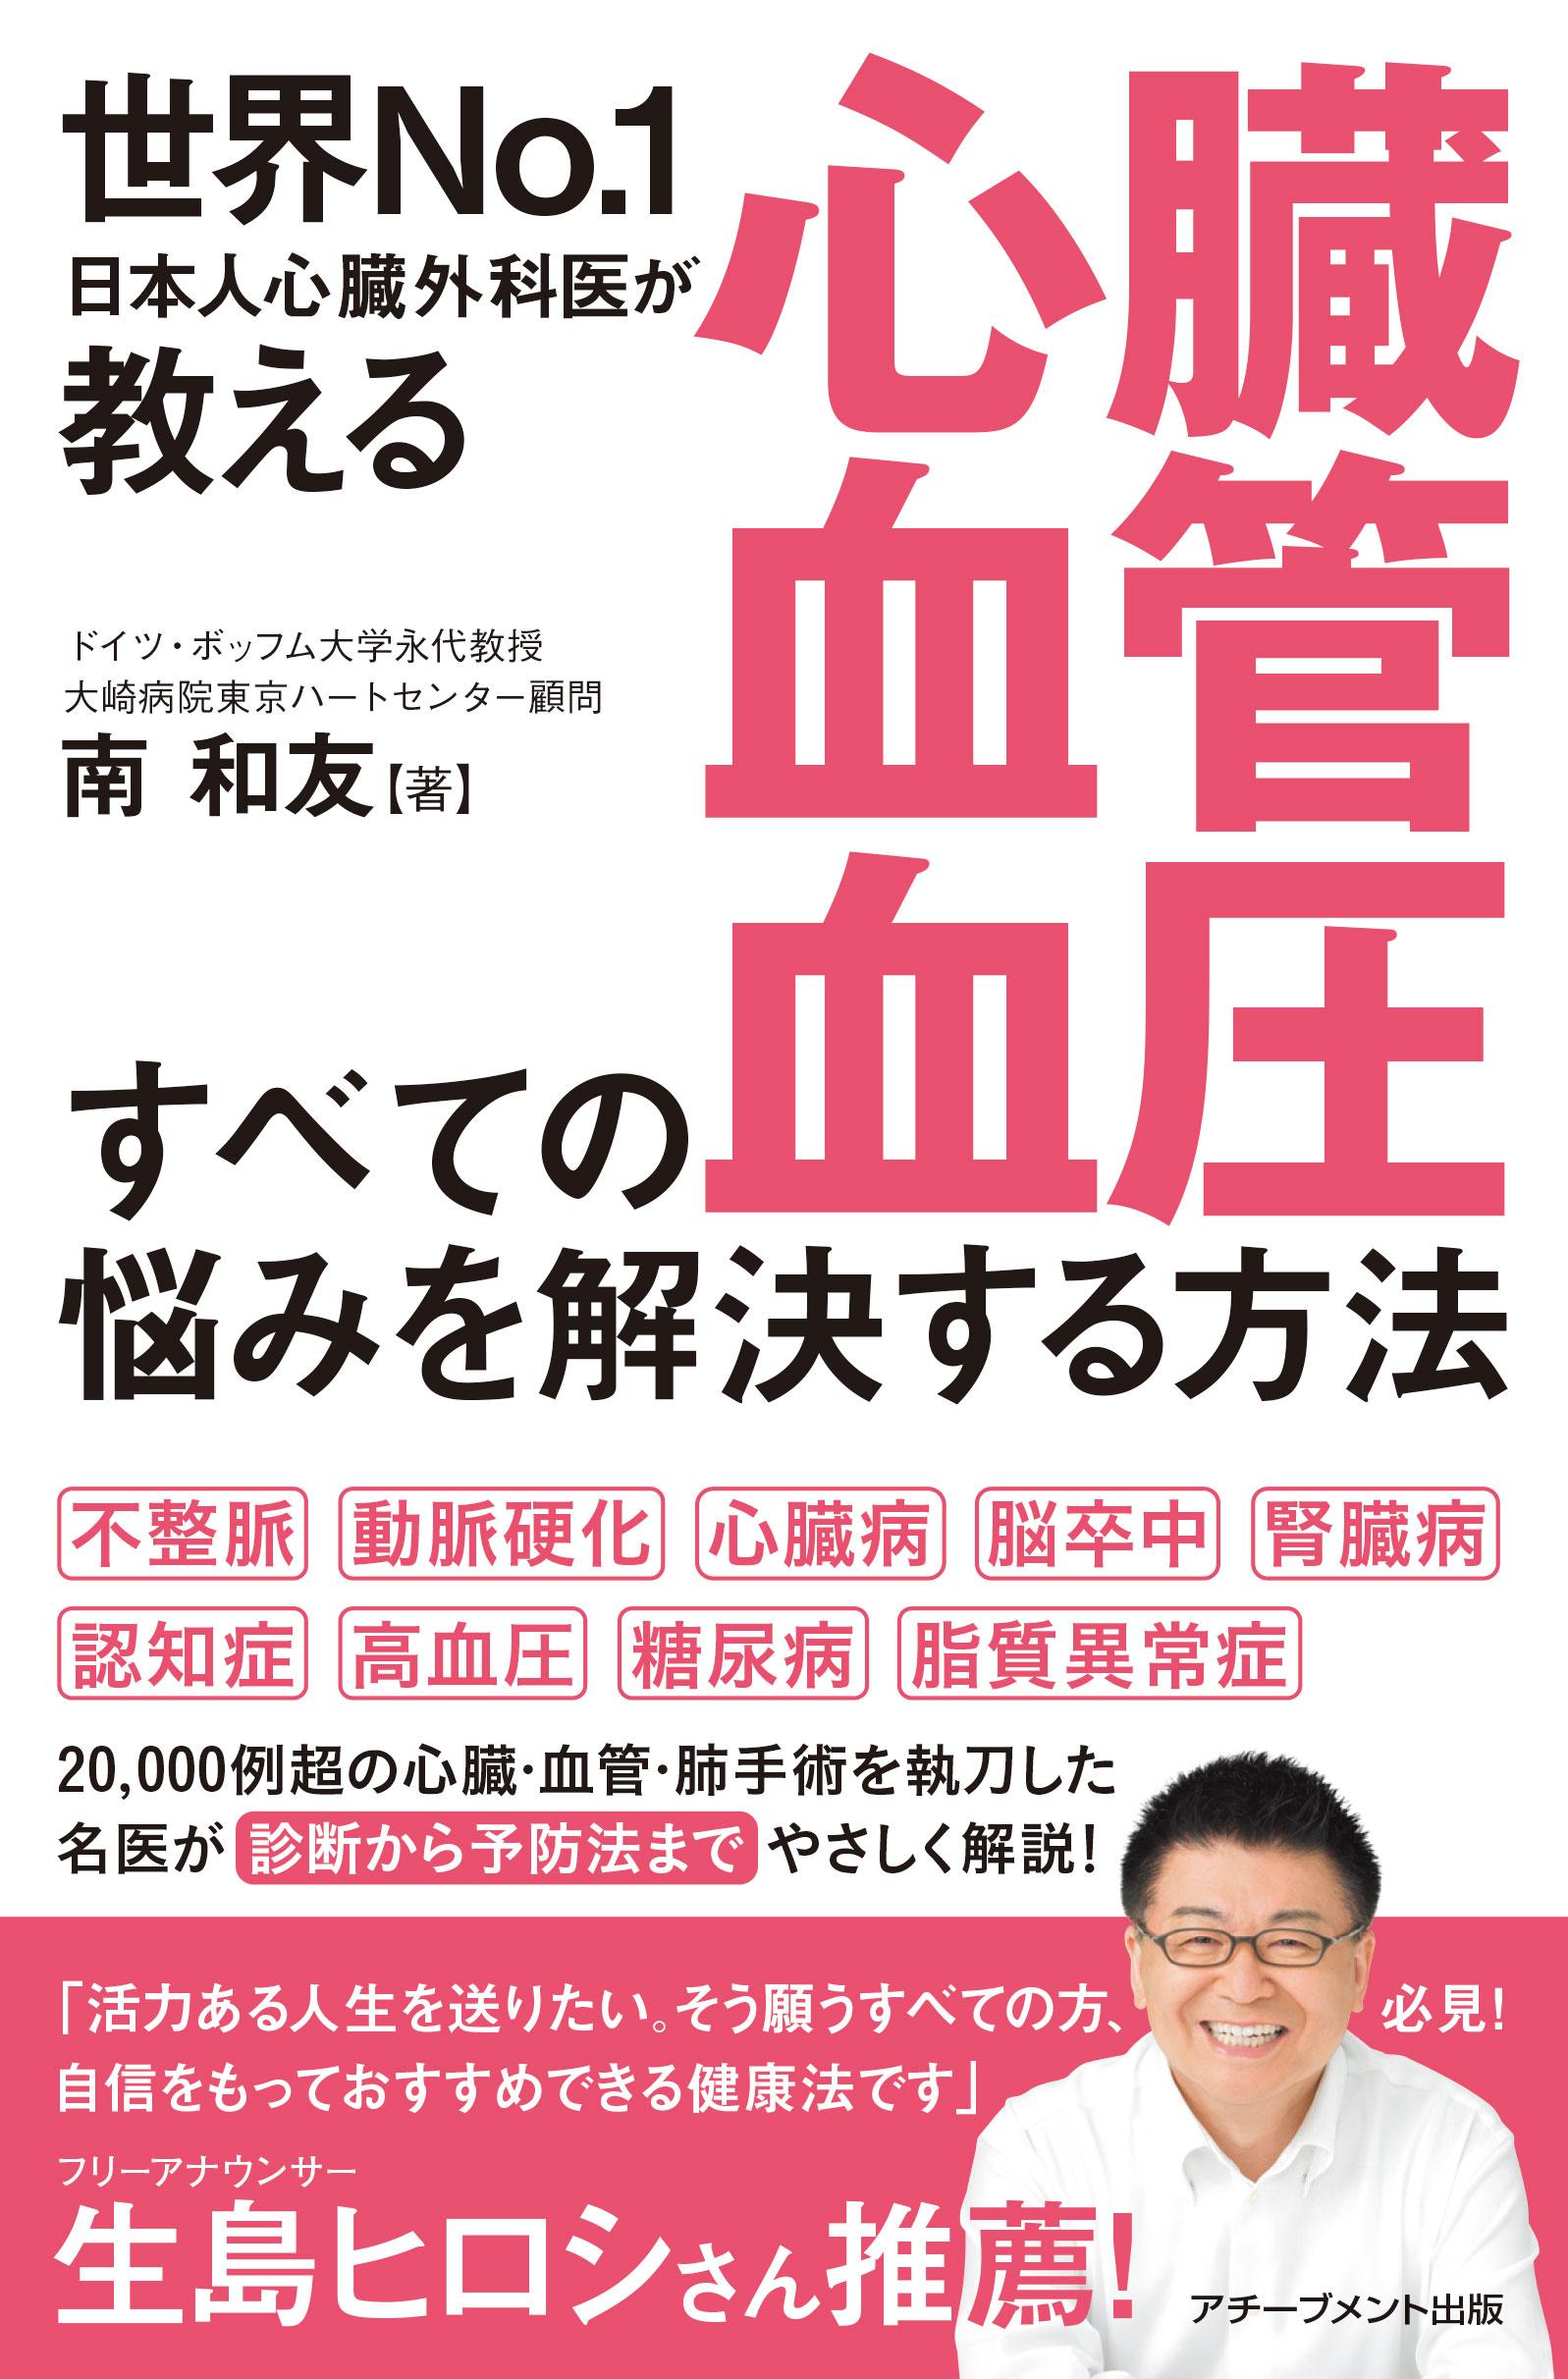 世界No.1日本人心臓外科医が教える心臓・血管・血圧すべての悩みを解決する方法の画像1